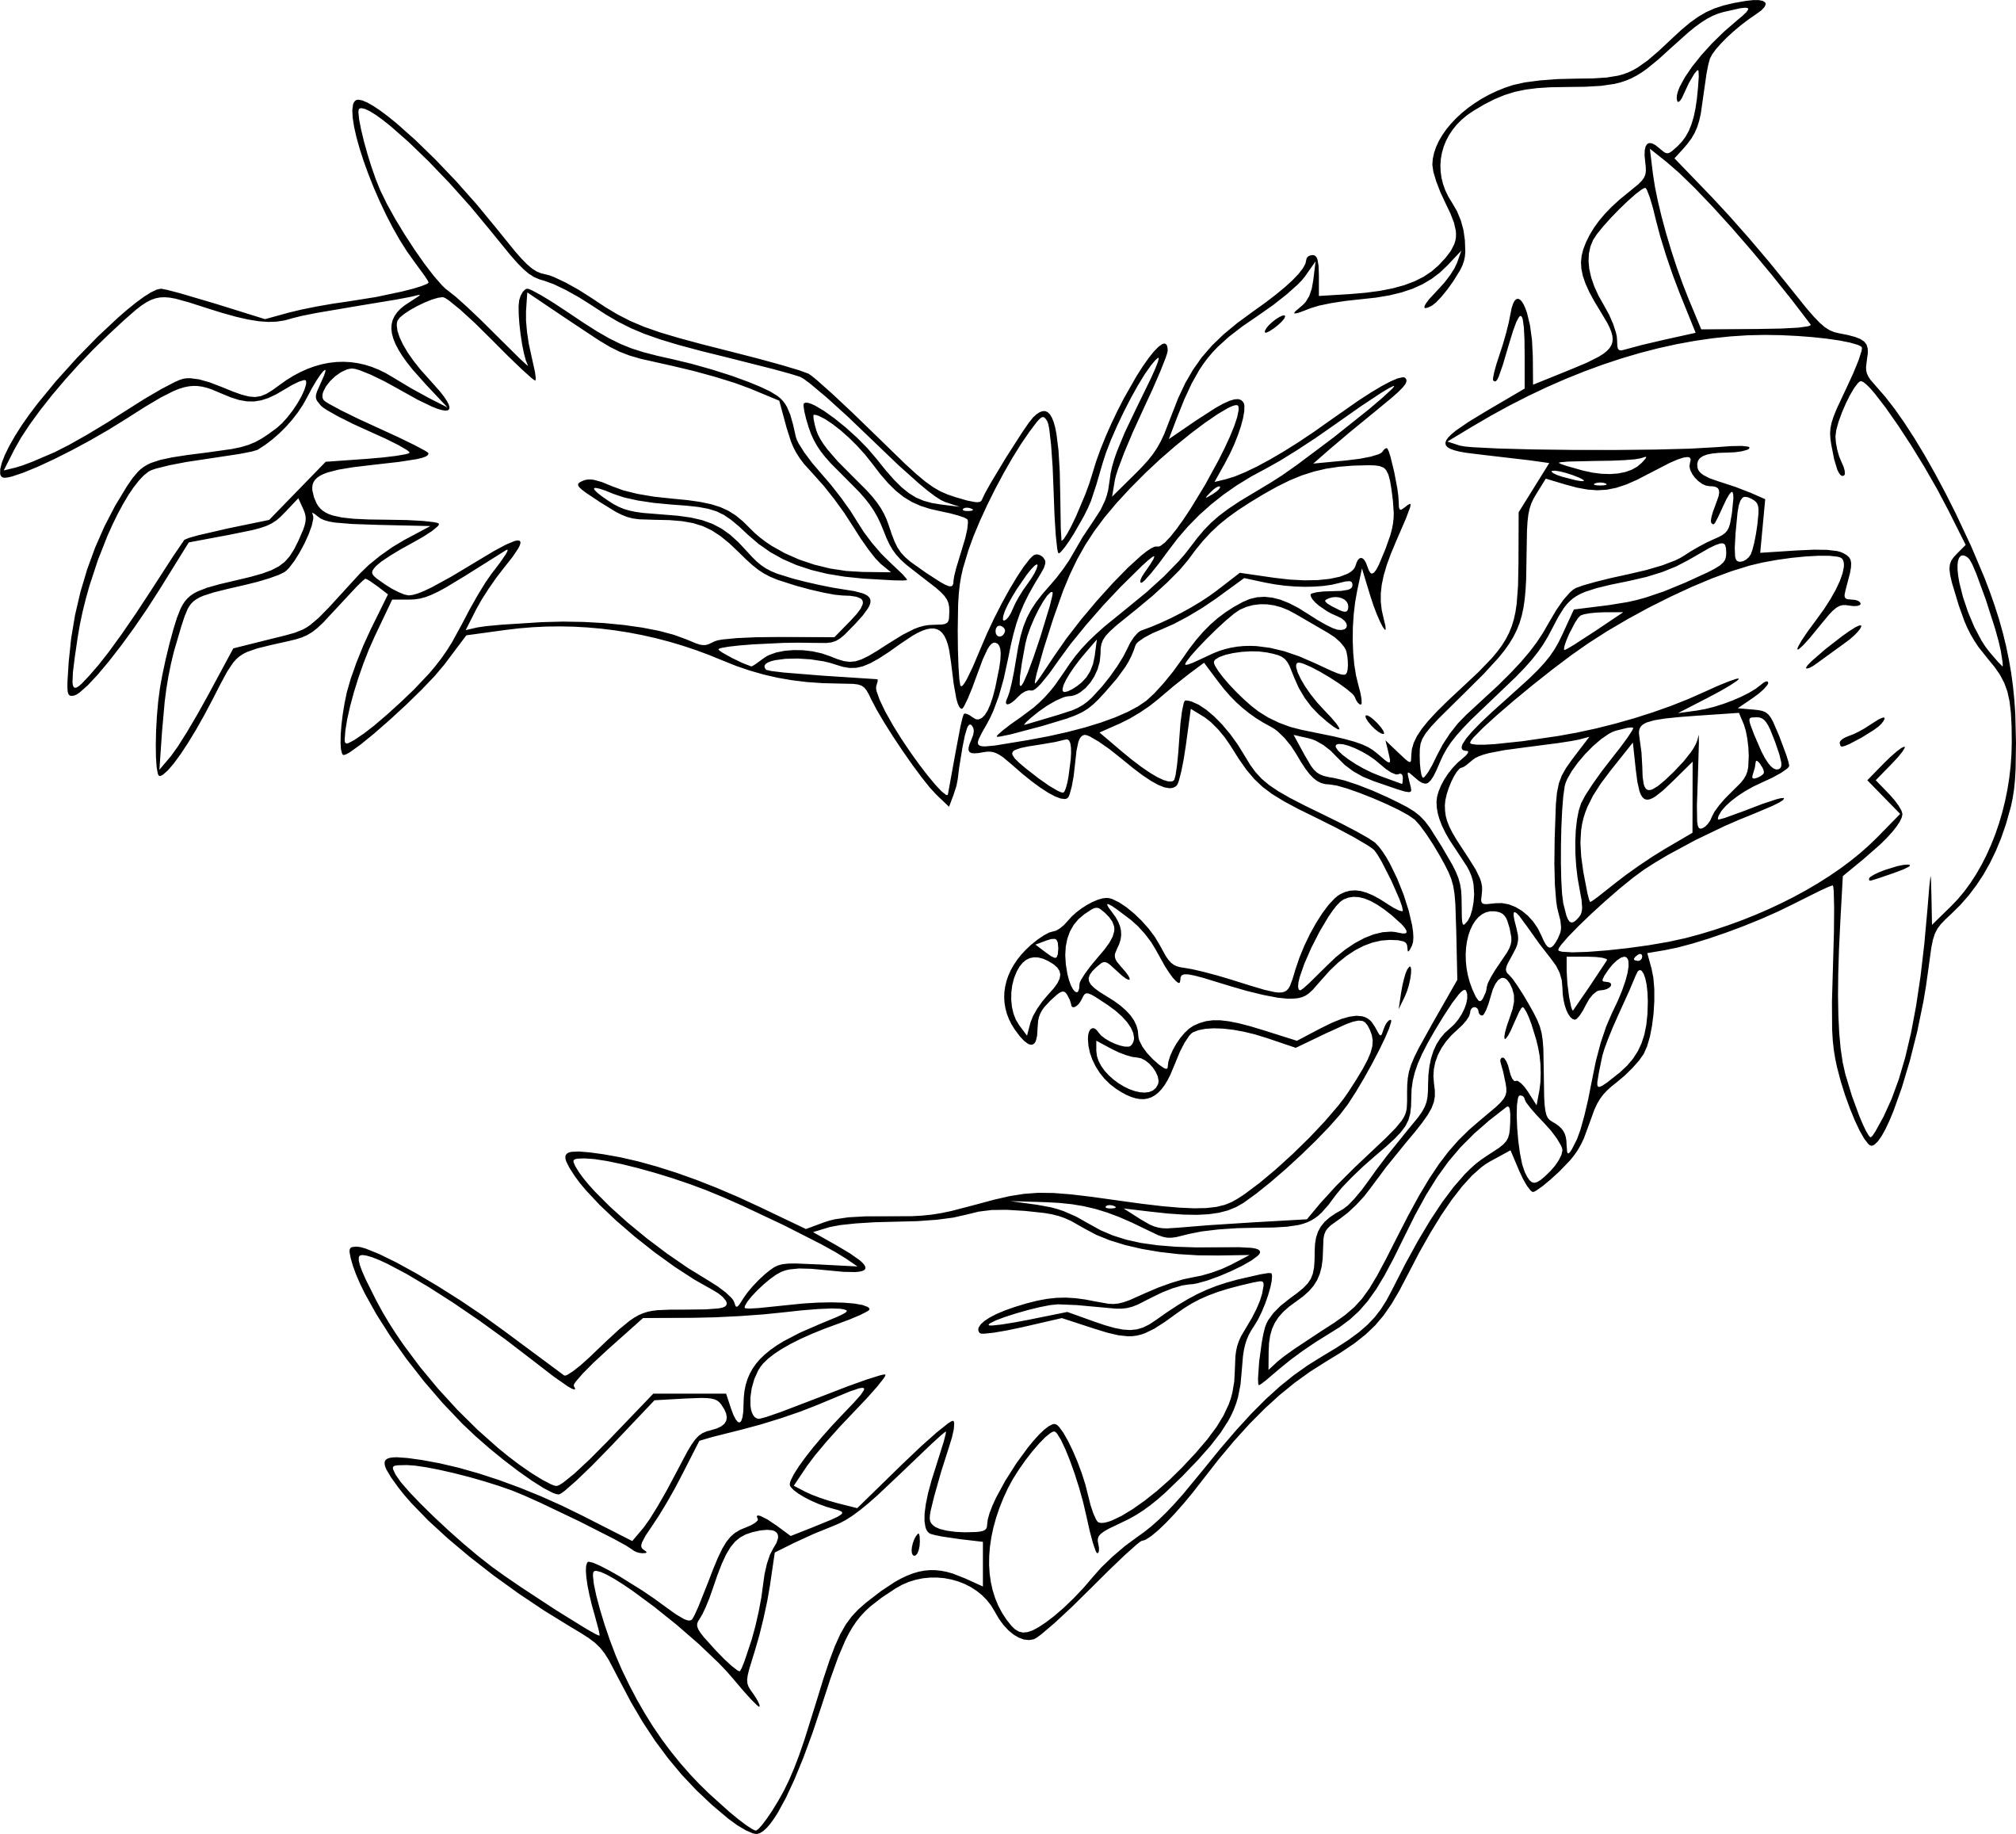 Meilleur De Coloriage Pokemon Yveltal A Imprimer | Haut à Coloriage Pokemon A Imprimer